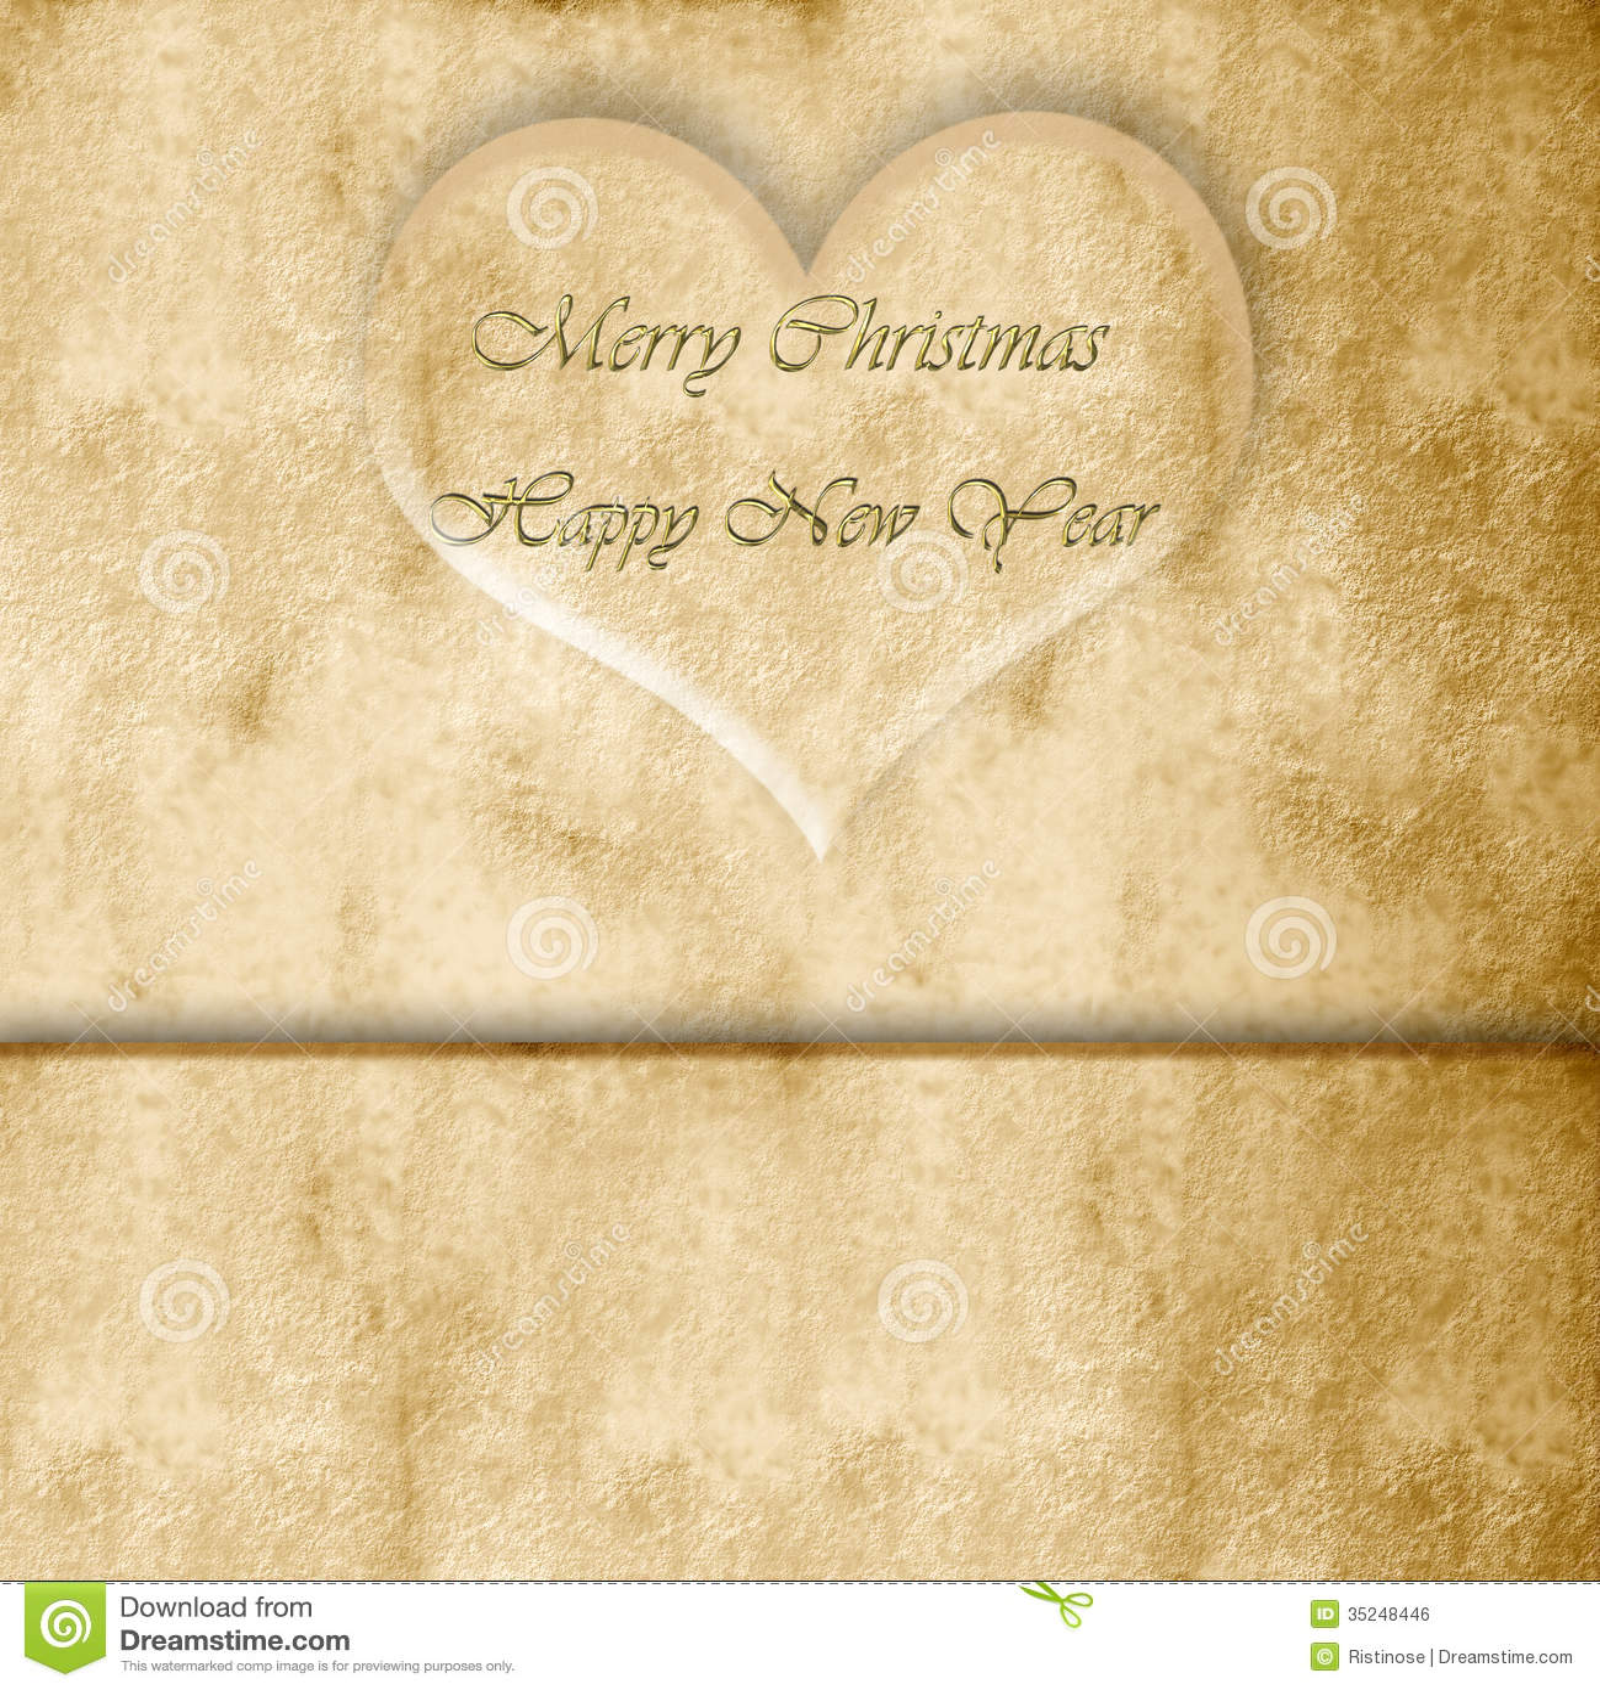 Elegant Christmas Invitation as nice invitation example